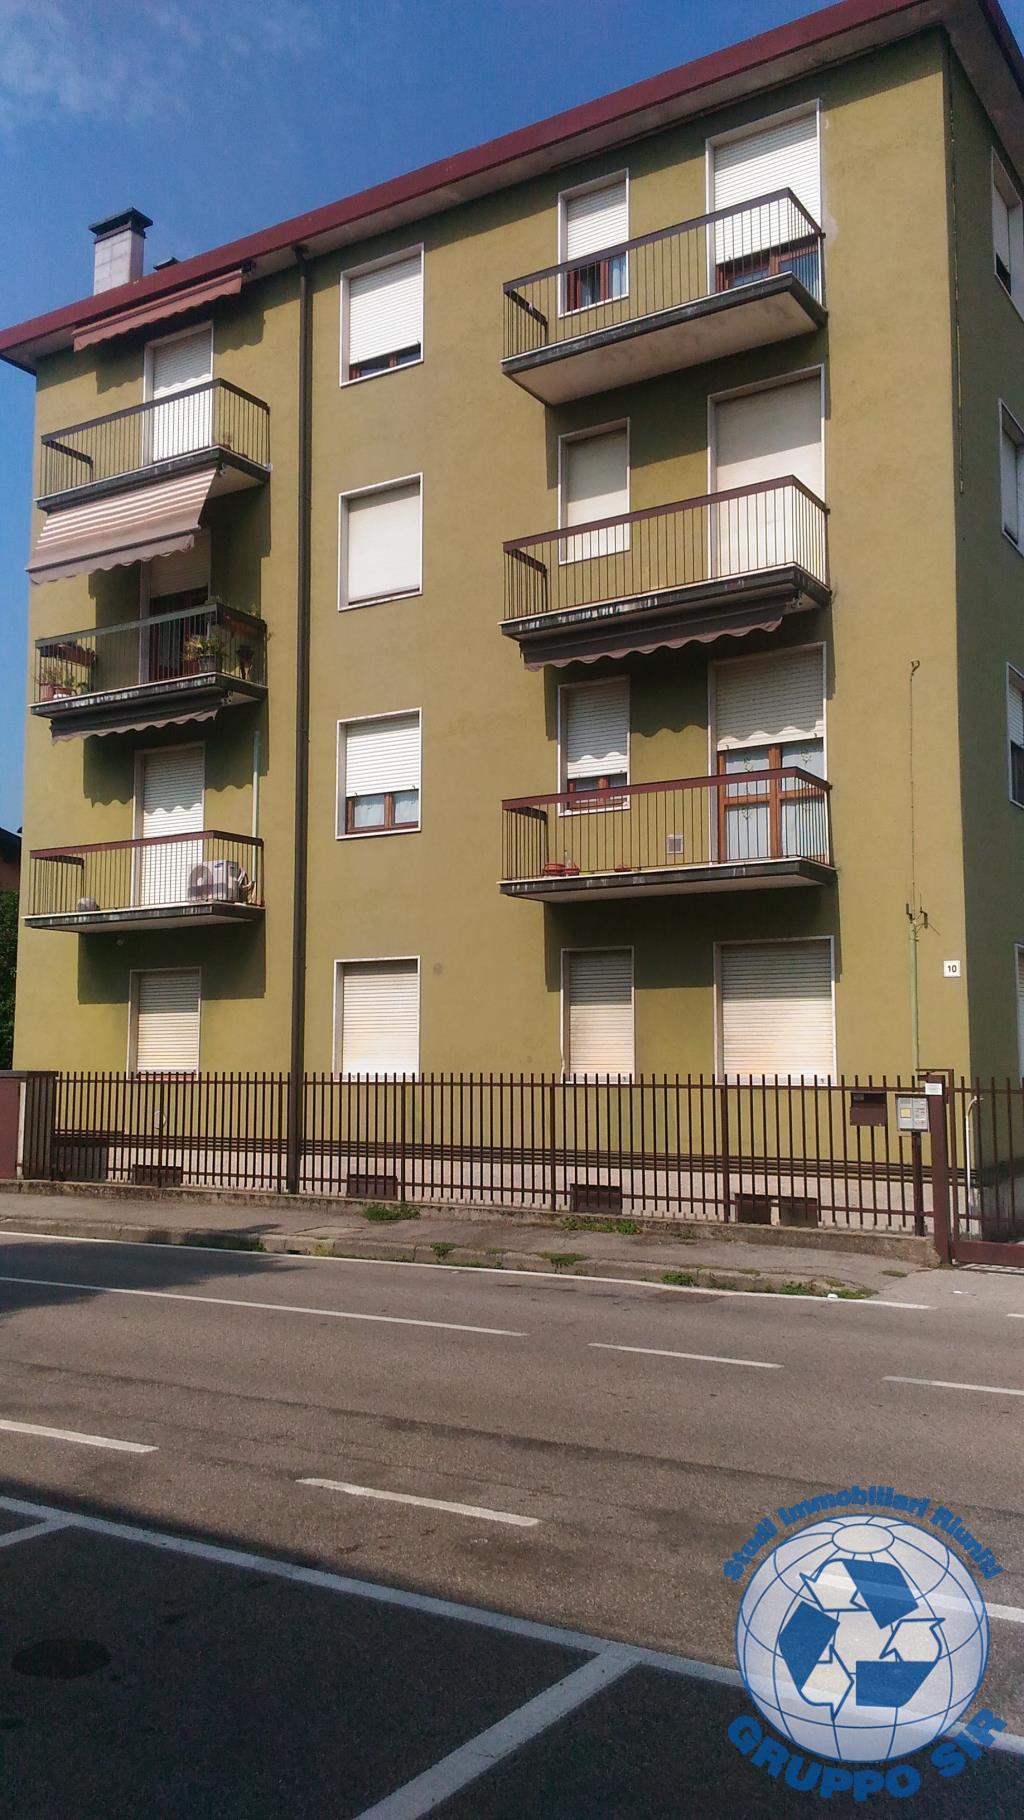 Appartamento in affitto a Vedano al Lambro, 1 locali, zona Località: parco, prezzo € 480 | CambioCasa.it